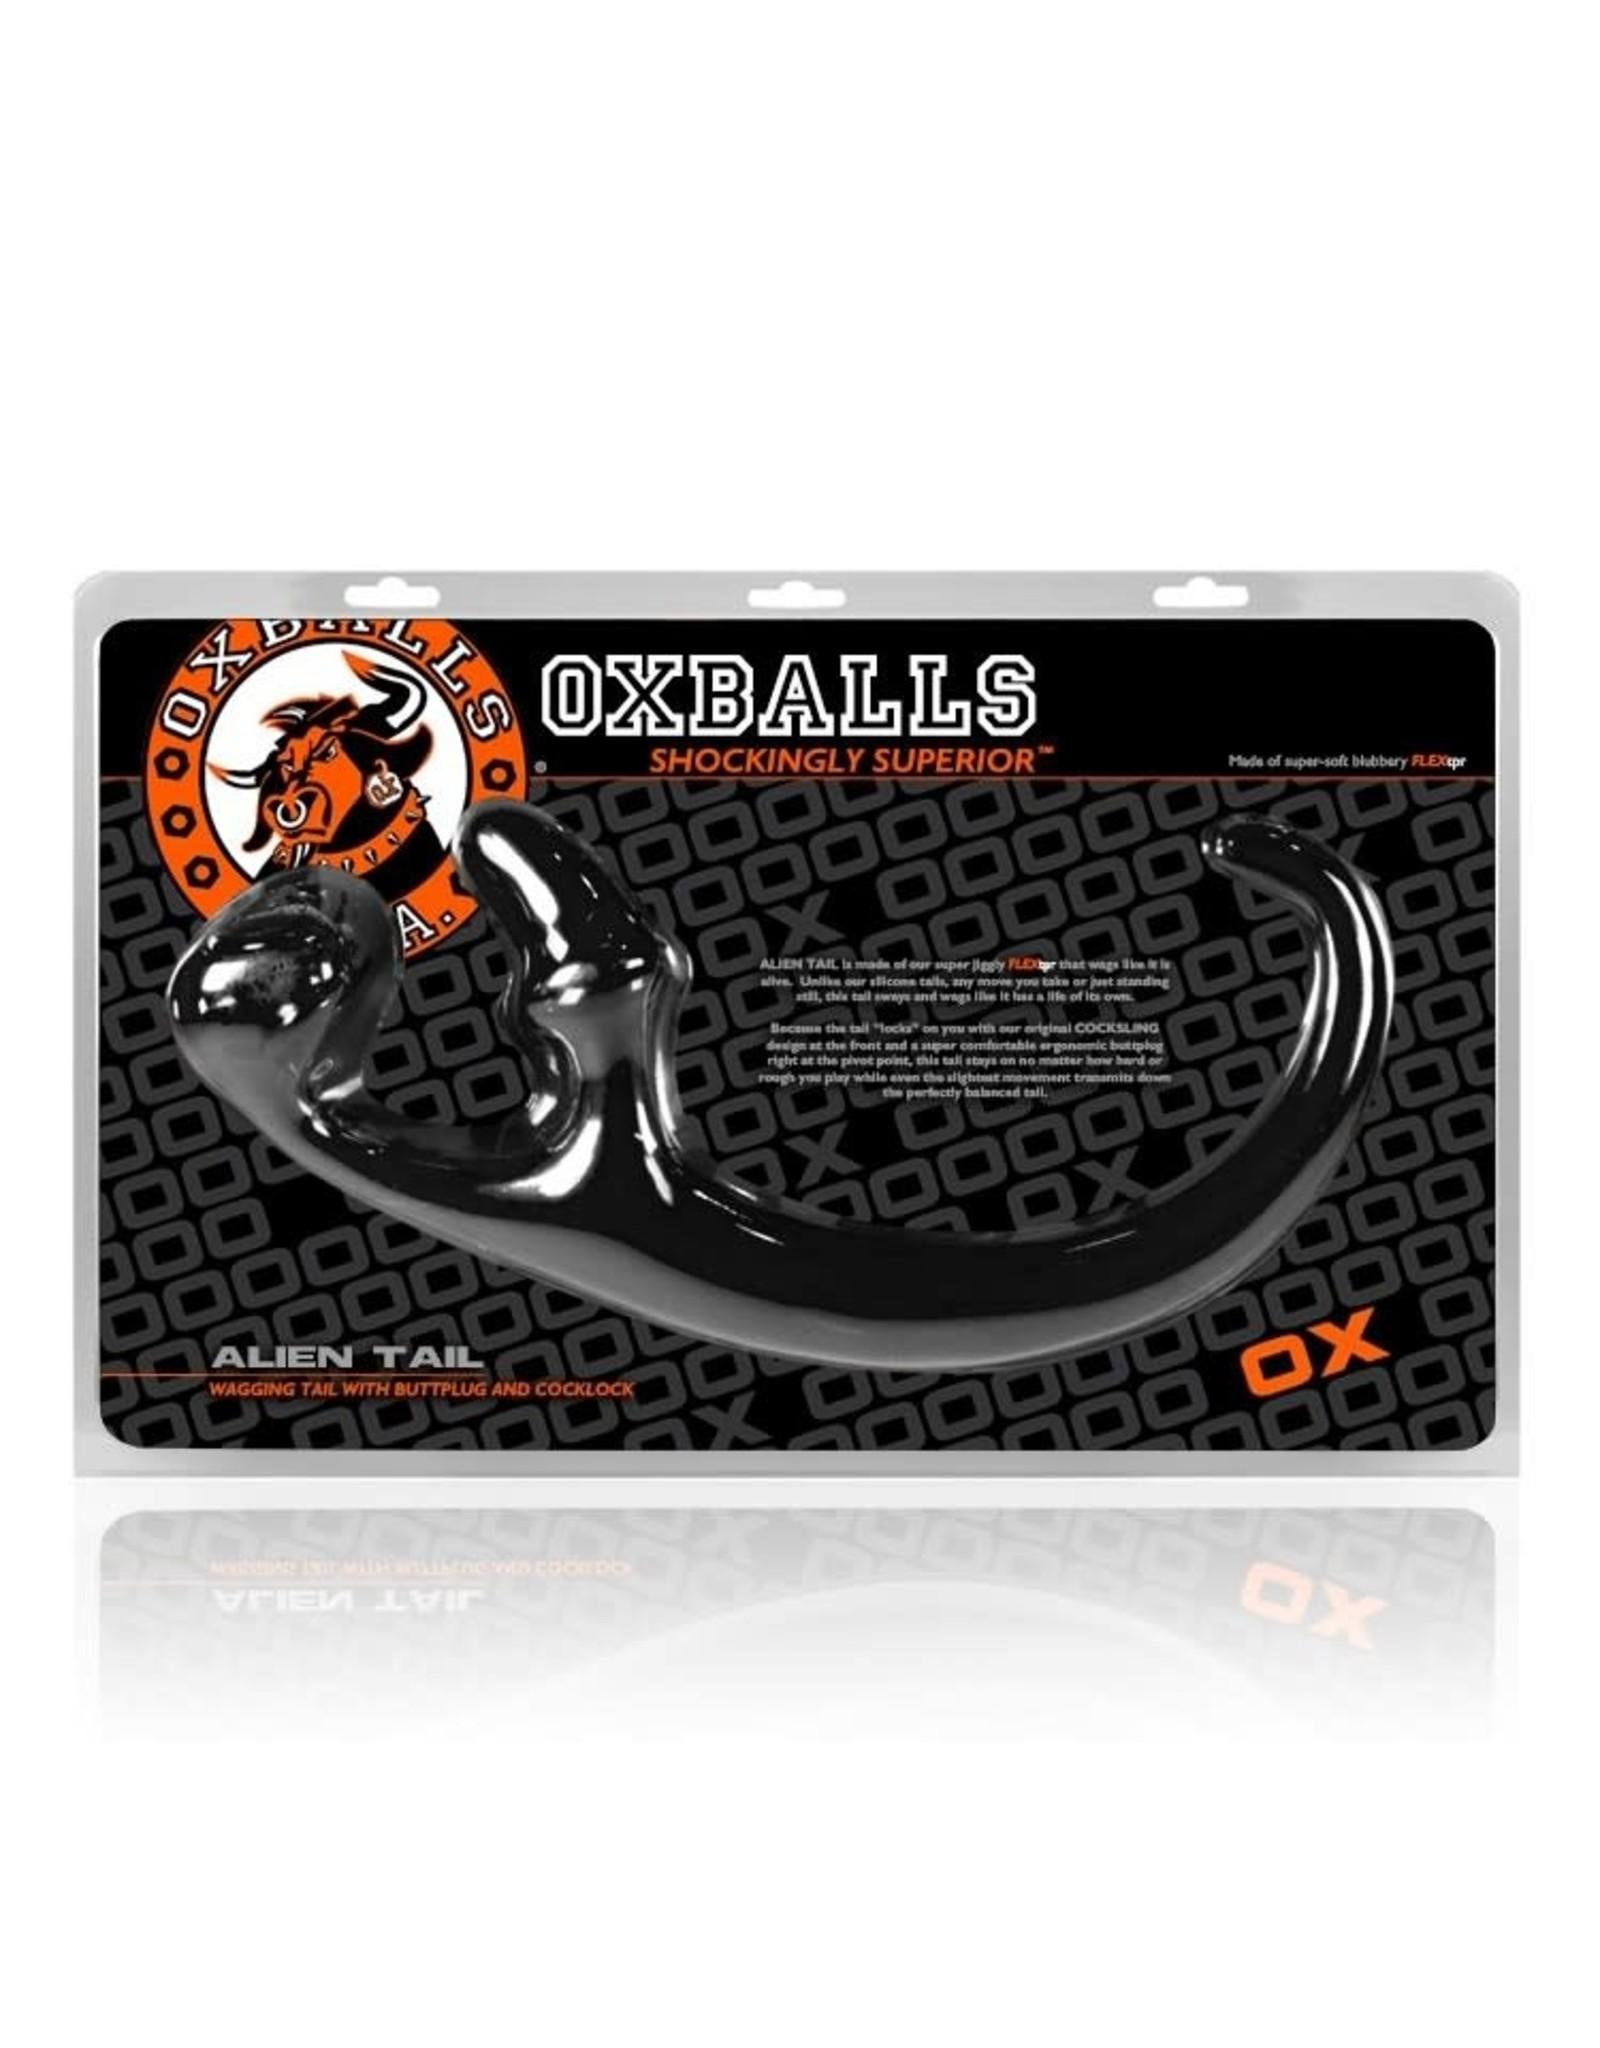 Oxballs OxBalls Alien Tail Butt Plug Tail